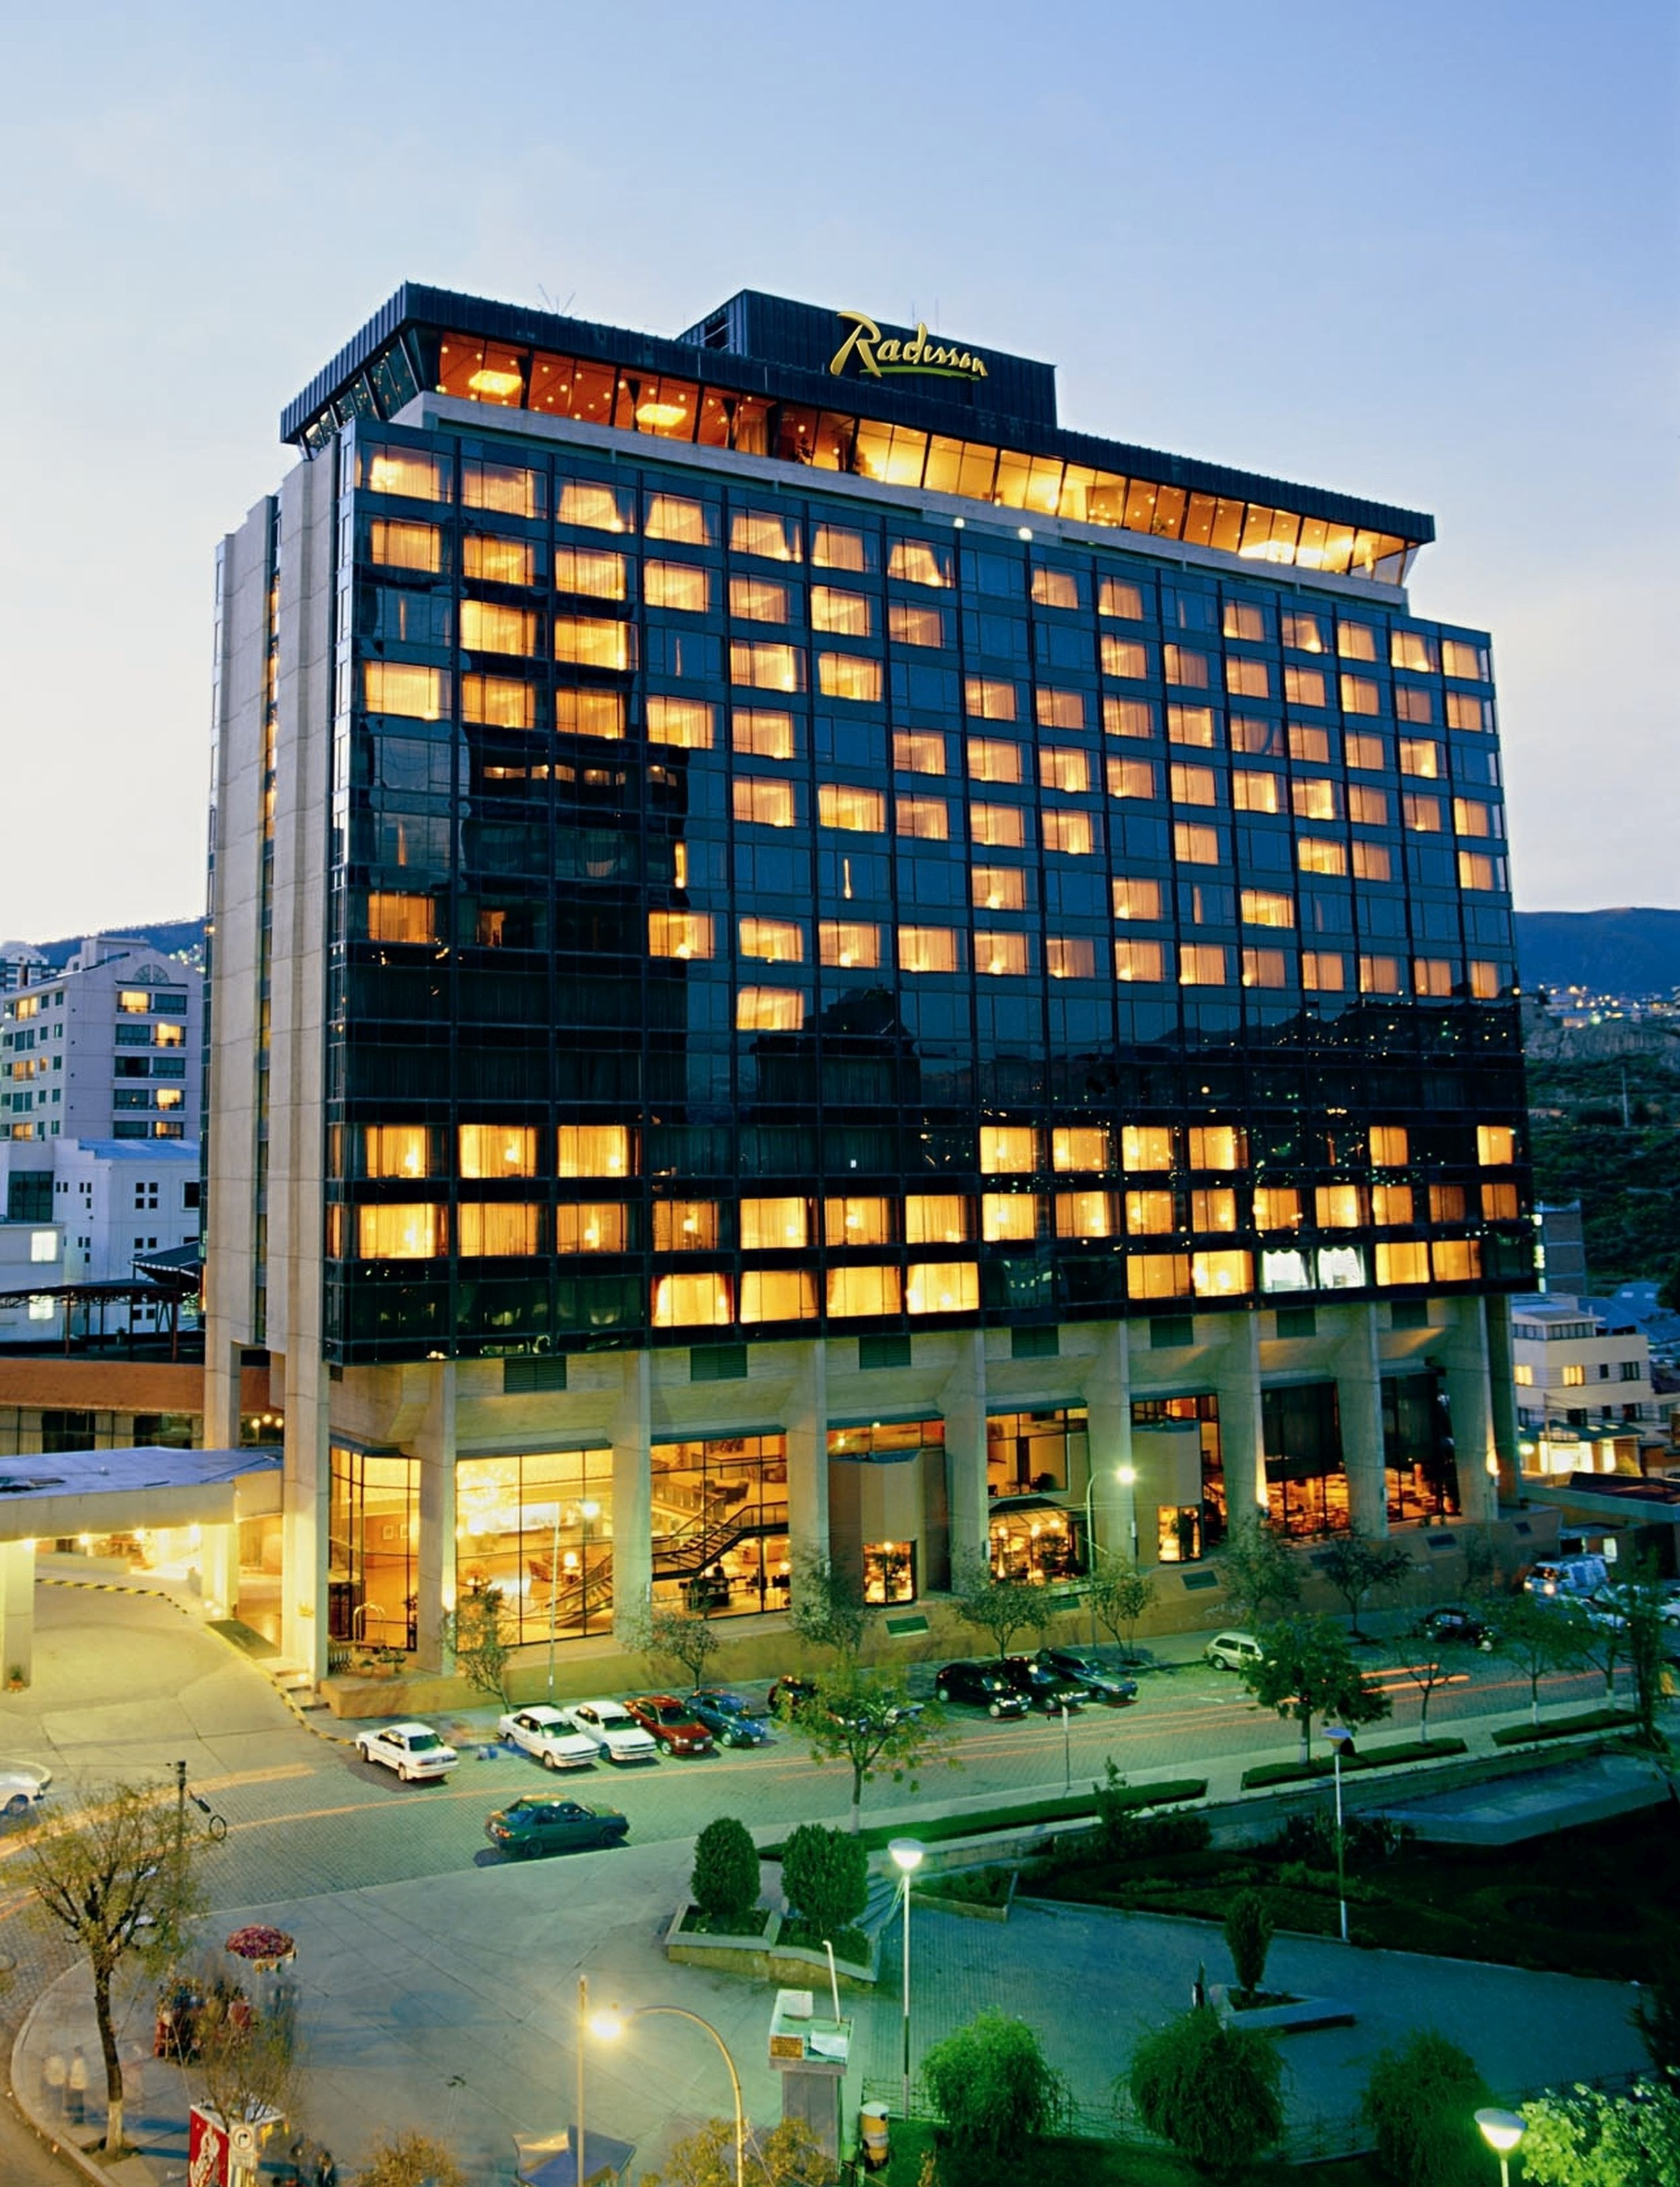 Real plaza hotel & Convention Center, Pedro Domingo Murillo